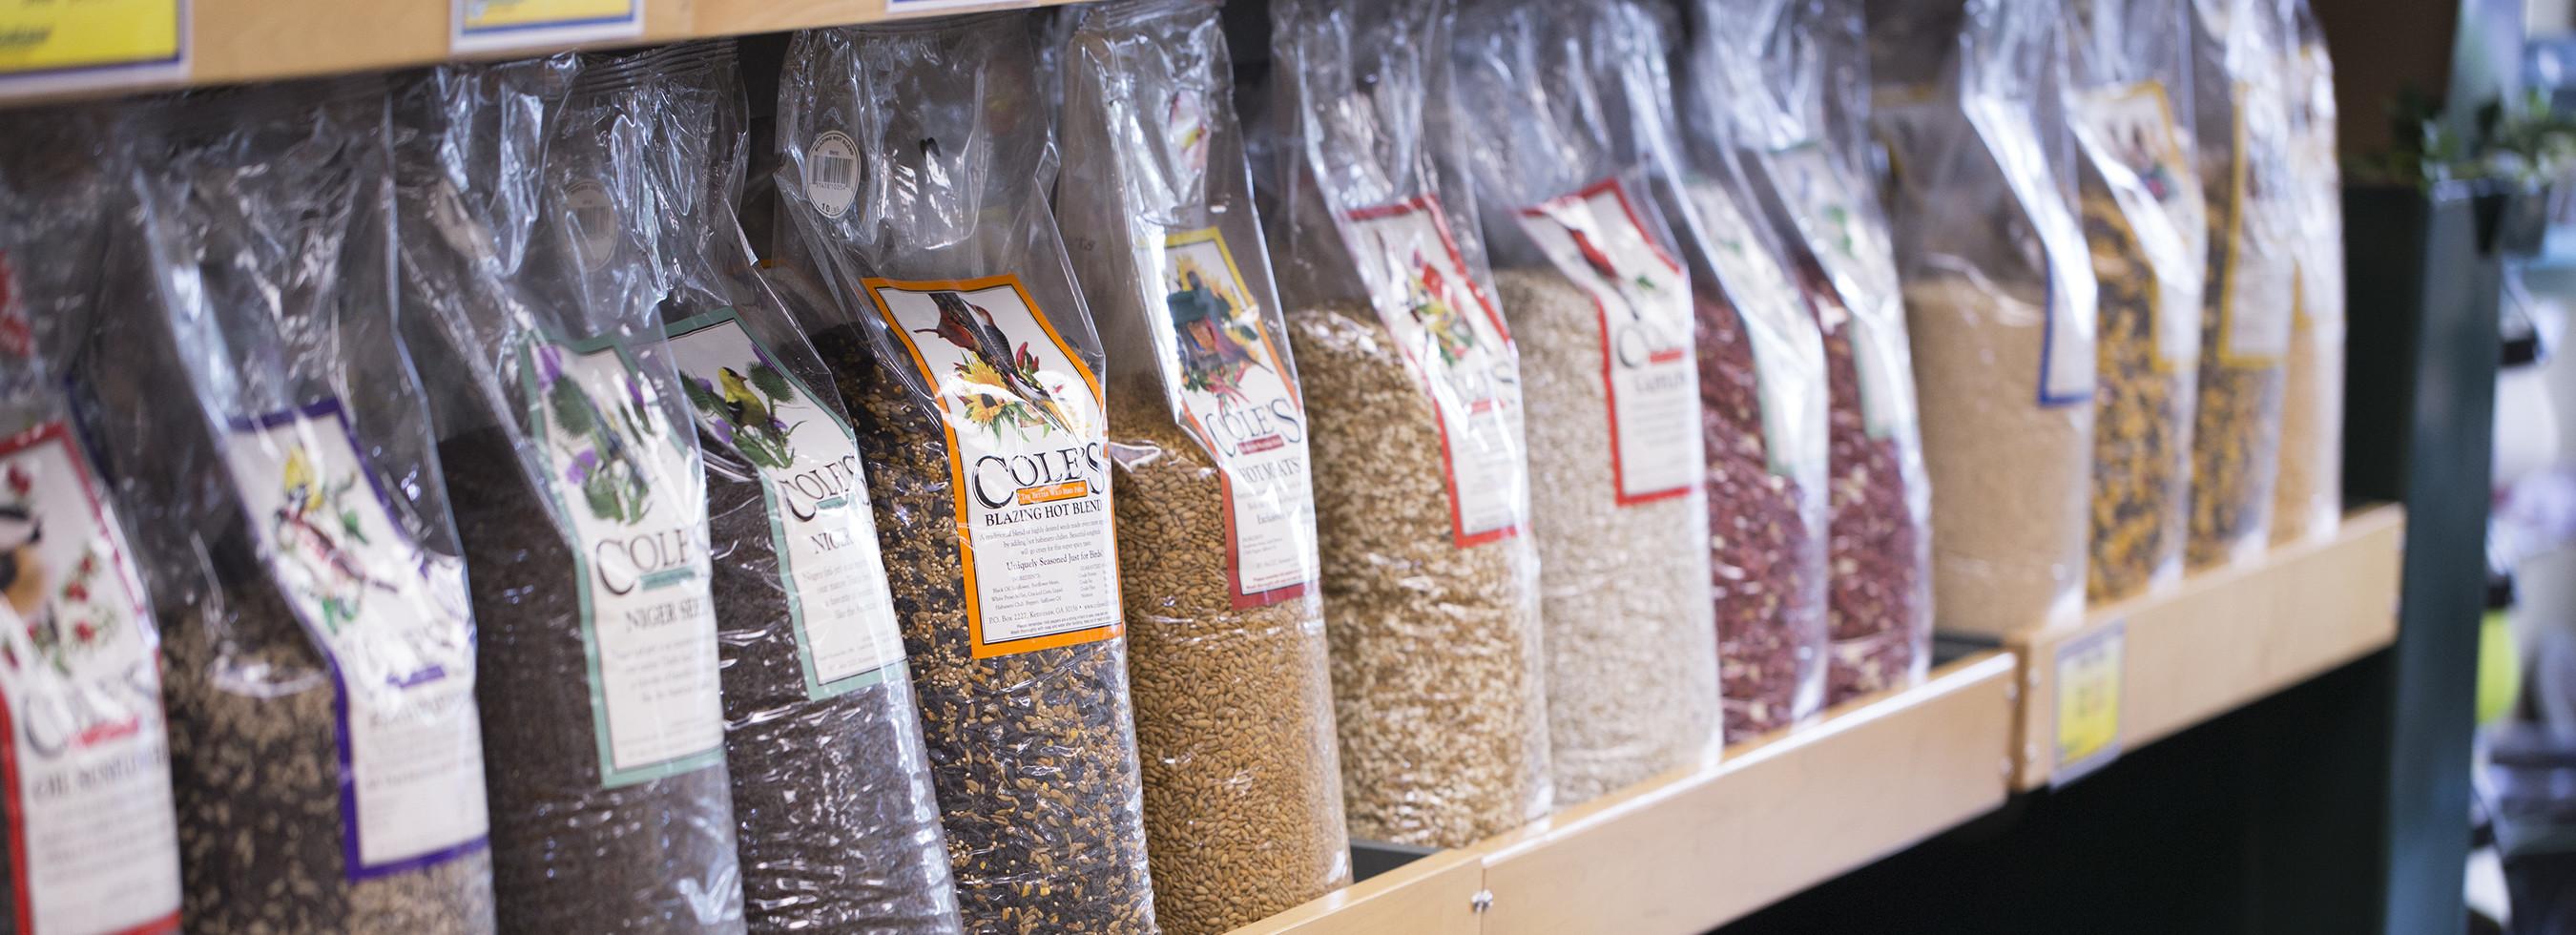 bird seed, bird food, Cole's wild bird products